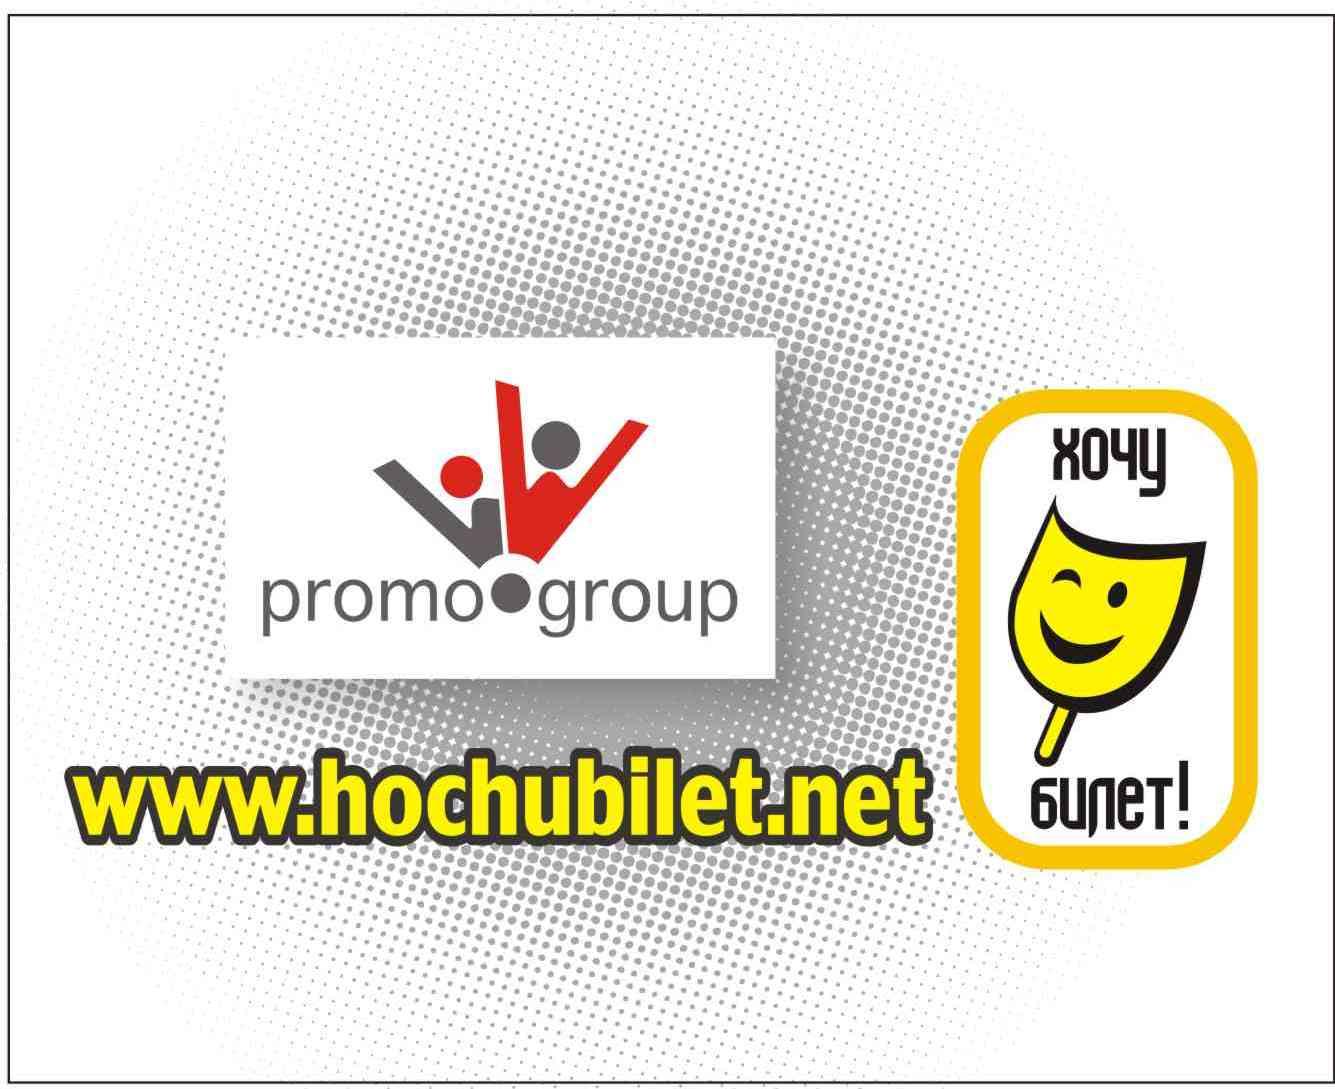 Ho4u bilet promo group Хочу билет Промо груп